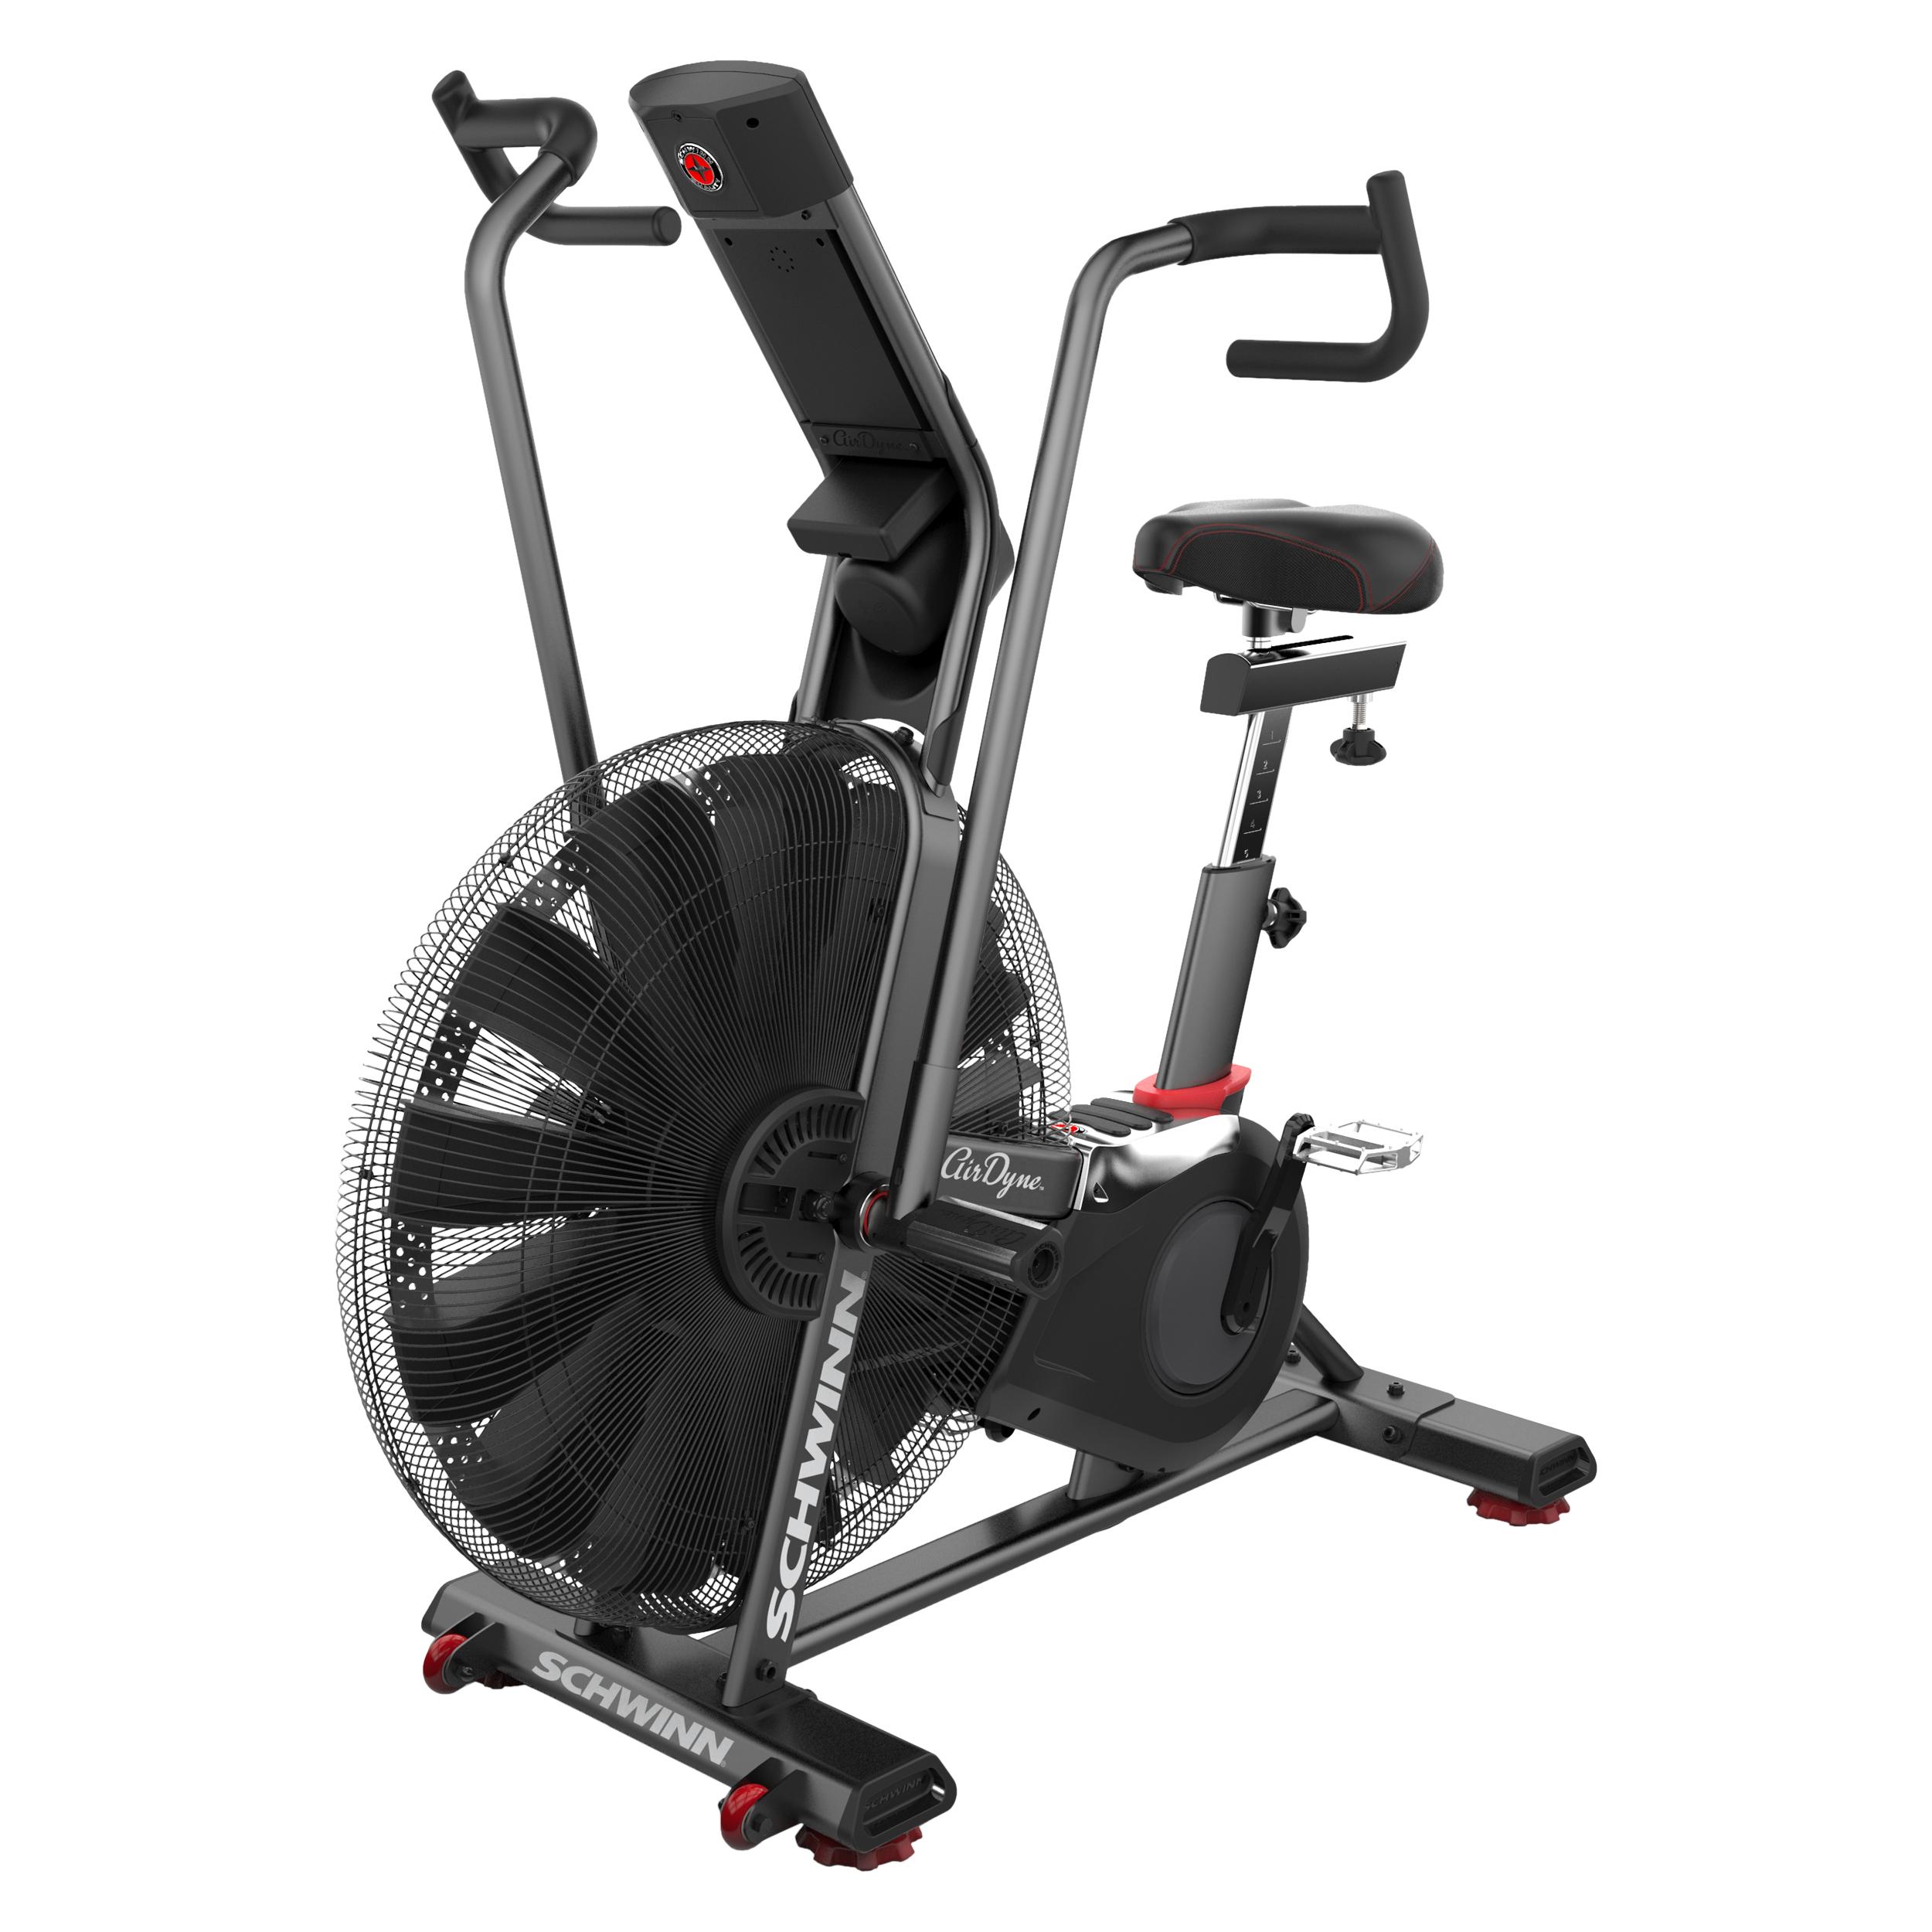 Vélo vertical de Schwinn  - Haute résistance et fonctionnement silencieux - Mesure la fréquence cardiaque en temps réel - Poignées à plusieurs positions afin de fournir une variété de choix d'entraînement